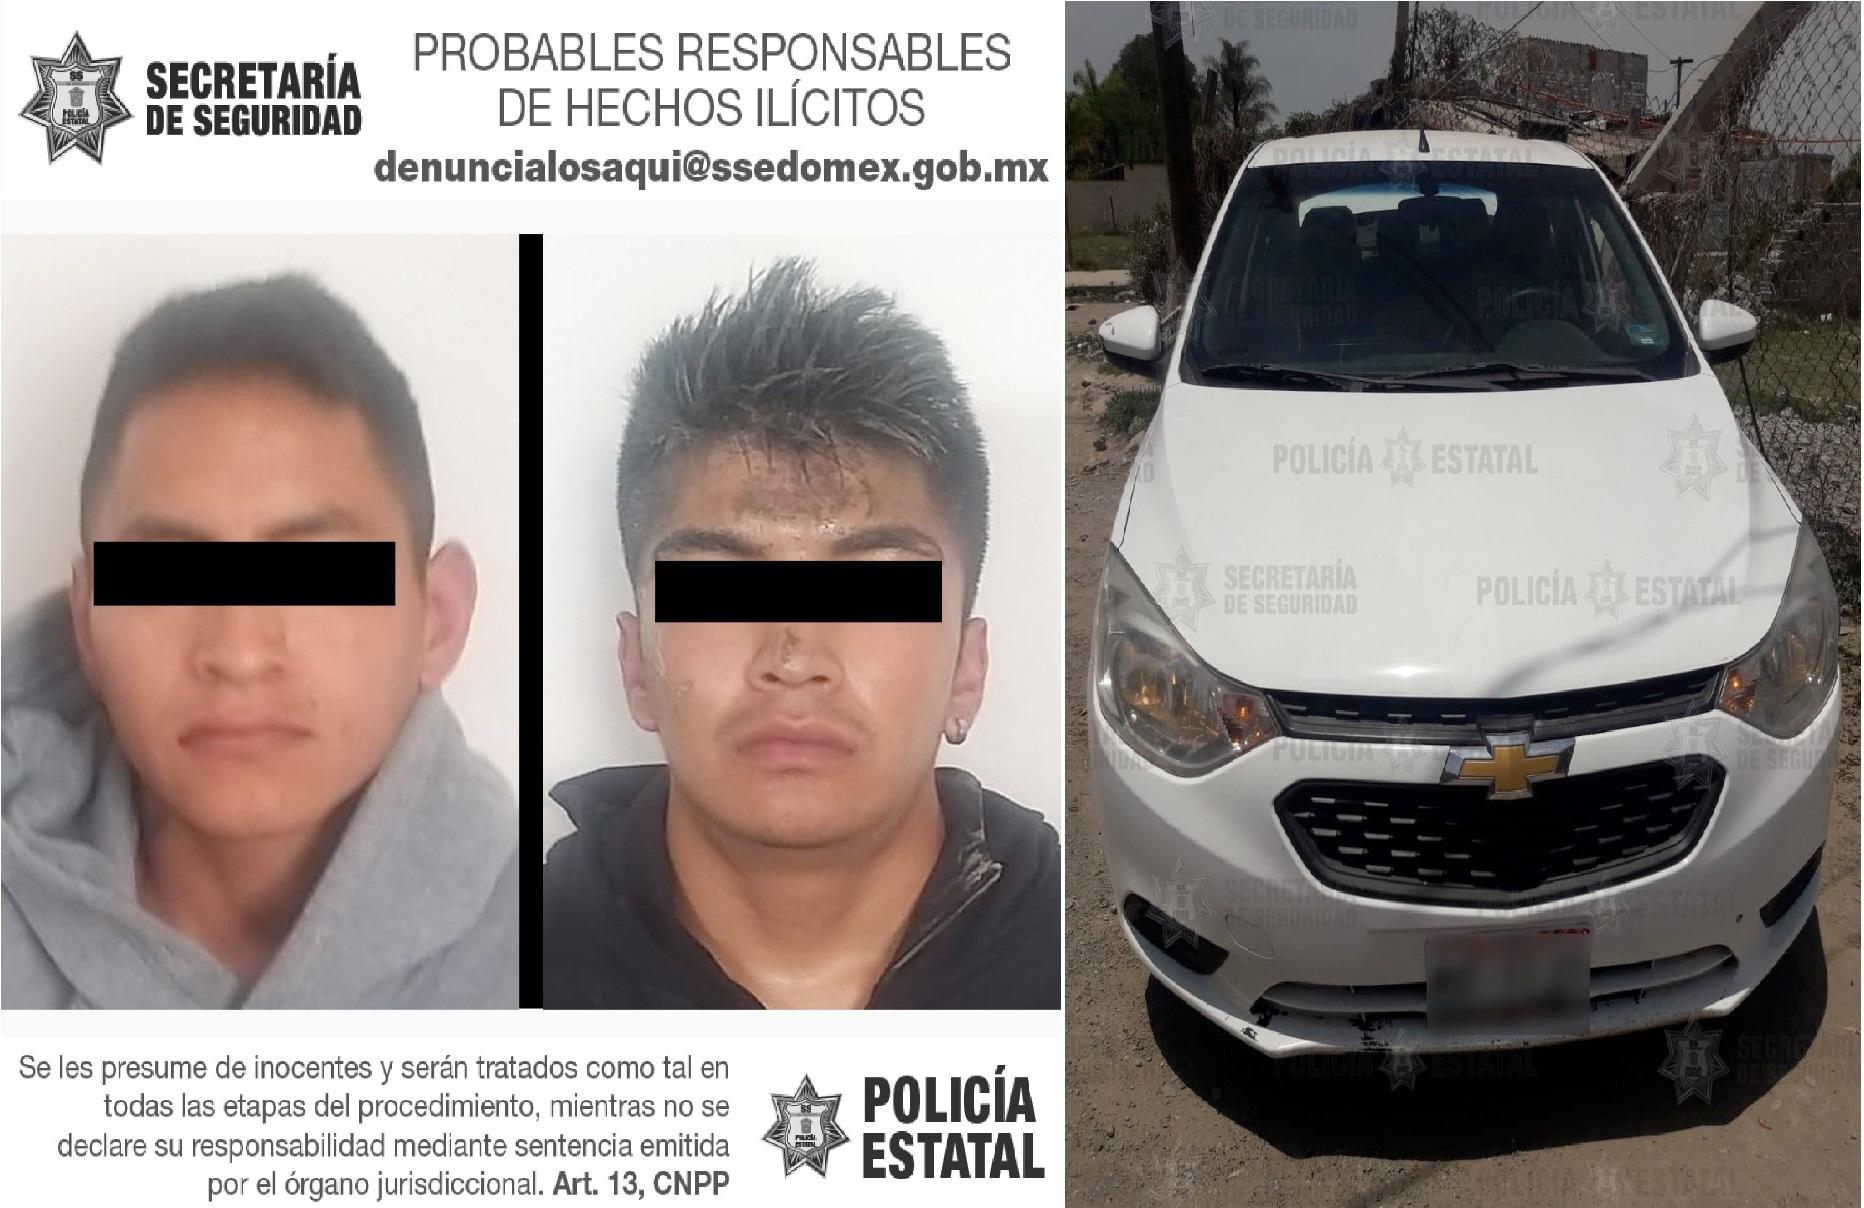 DETIENEN A DOS POSIBLES RESPONSABLES DEL DELITO DE HOMICIDIO